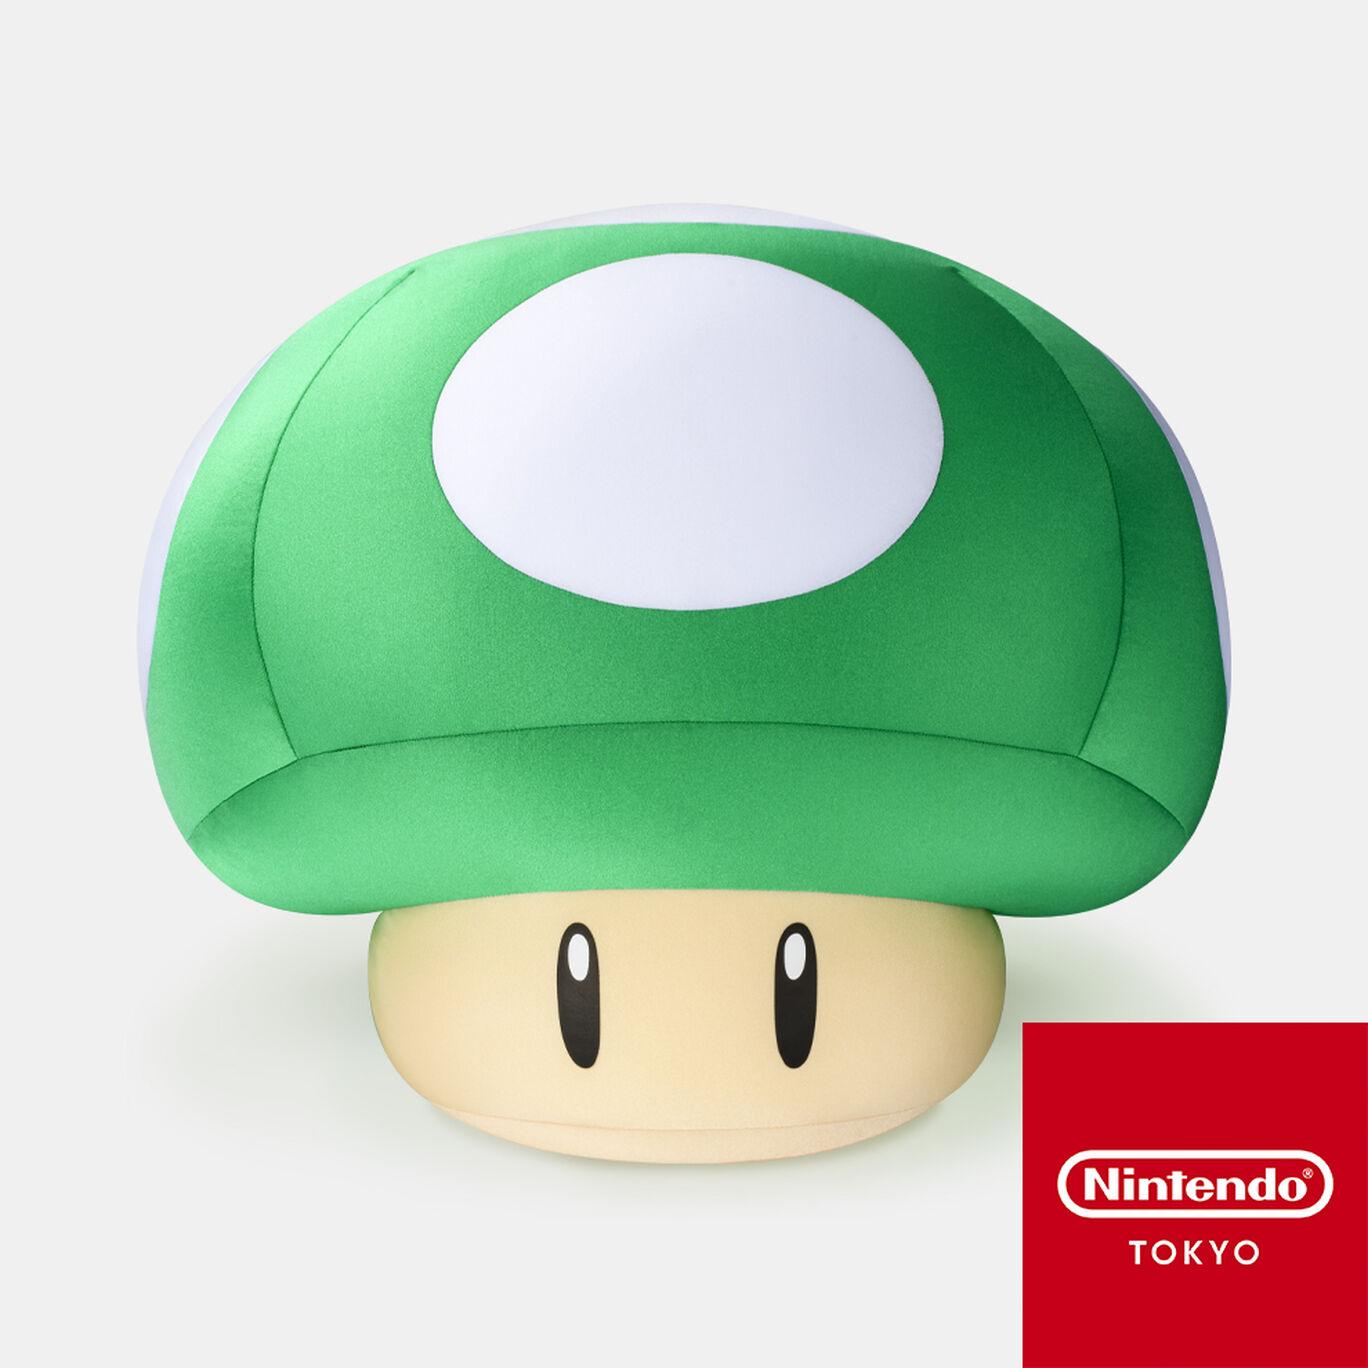 クッション スーパーマリオ 1UPキノコ【Nintendo TOKYO取り扱い商品】